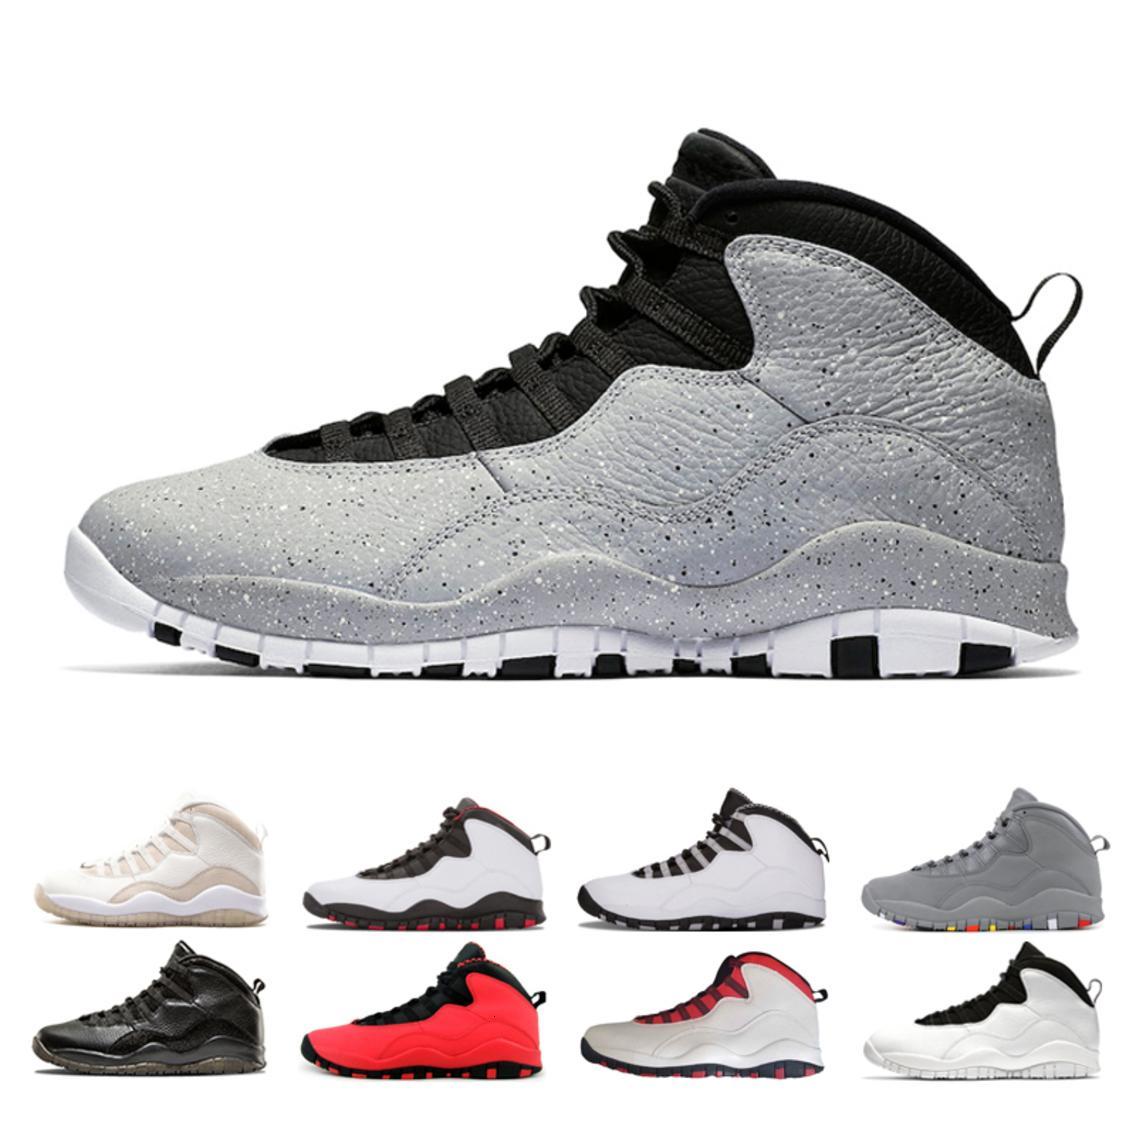 10 10S Zement Herren Basketballschuhe Westbrook Klasse von 2006 Ich bin zurück Weiß Schwarz Cooler Steel Grey Chi NoskleJordanienRetros Sneaker